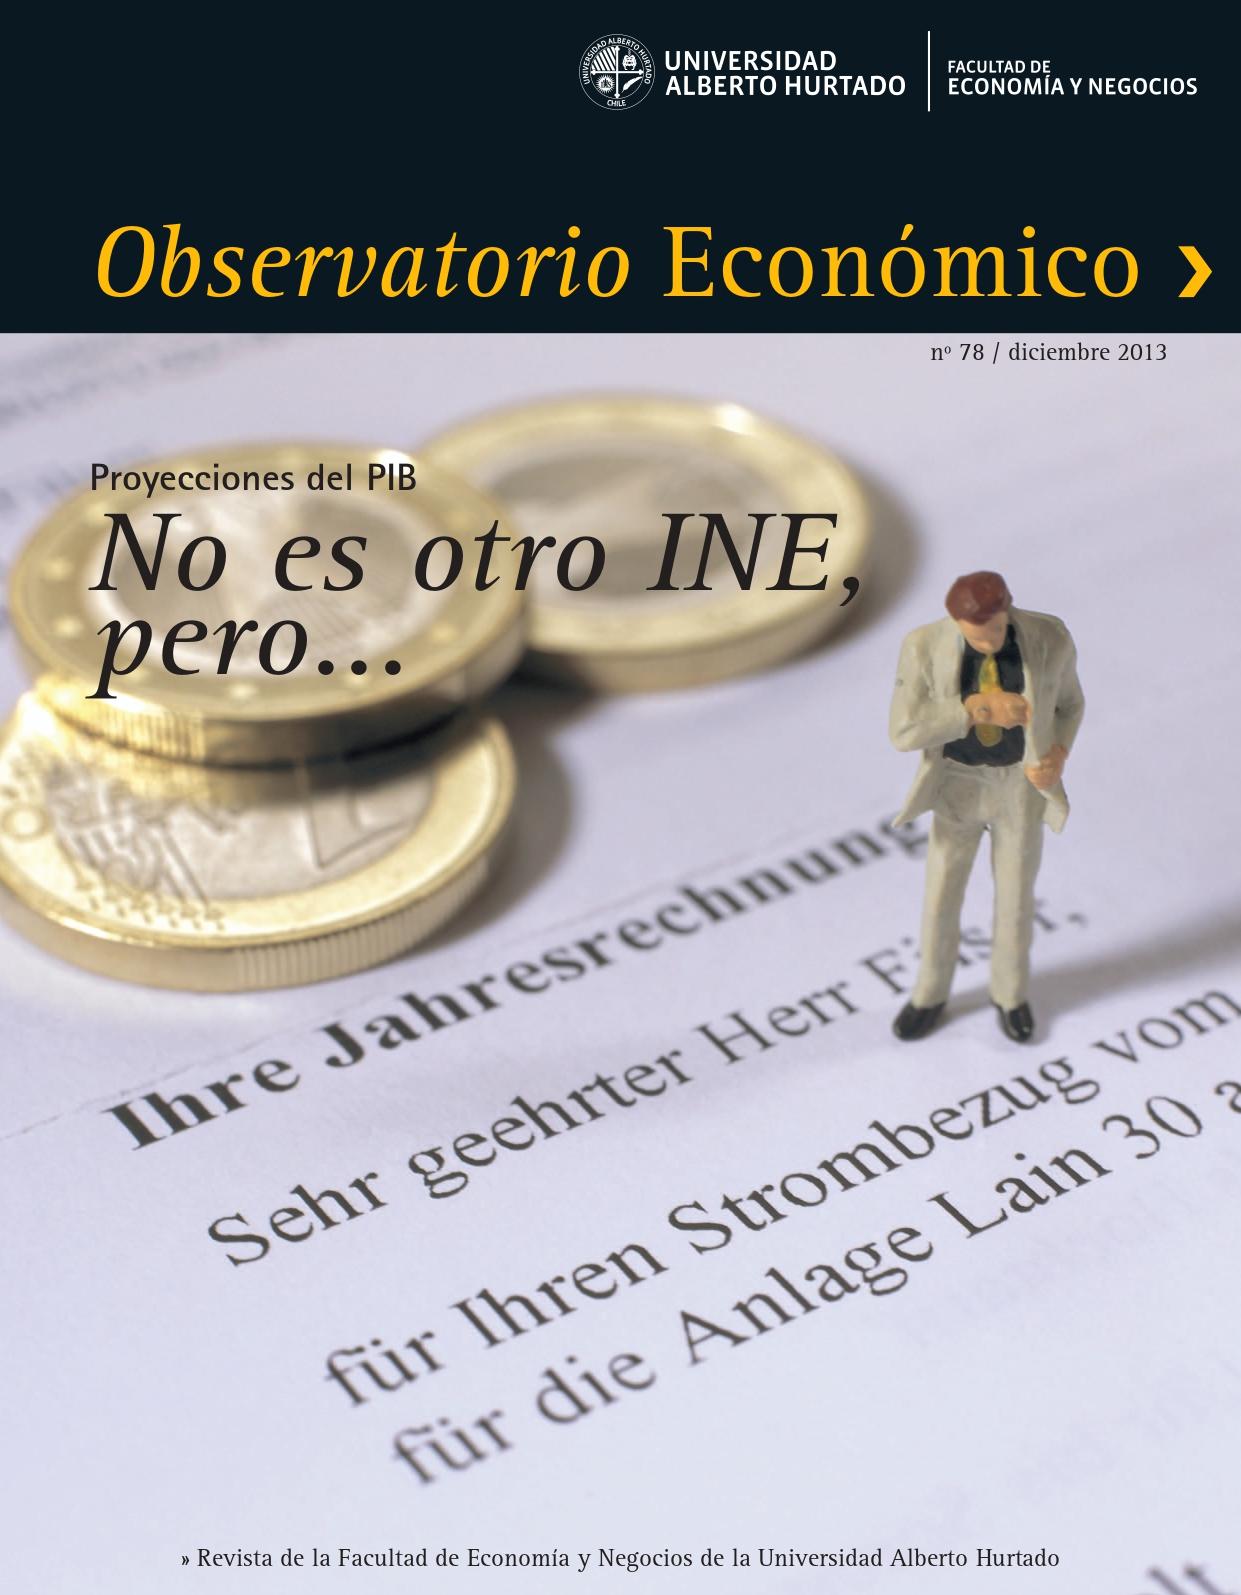 """Título del número de la revista : """"Proyecciones del PIB : No es otro INE, pero..."""""""